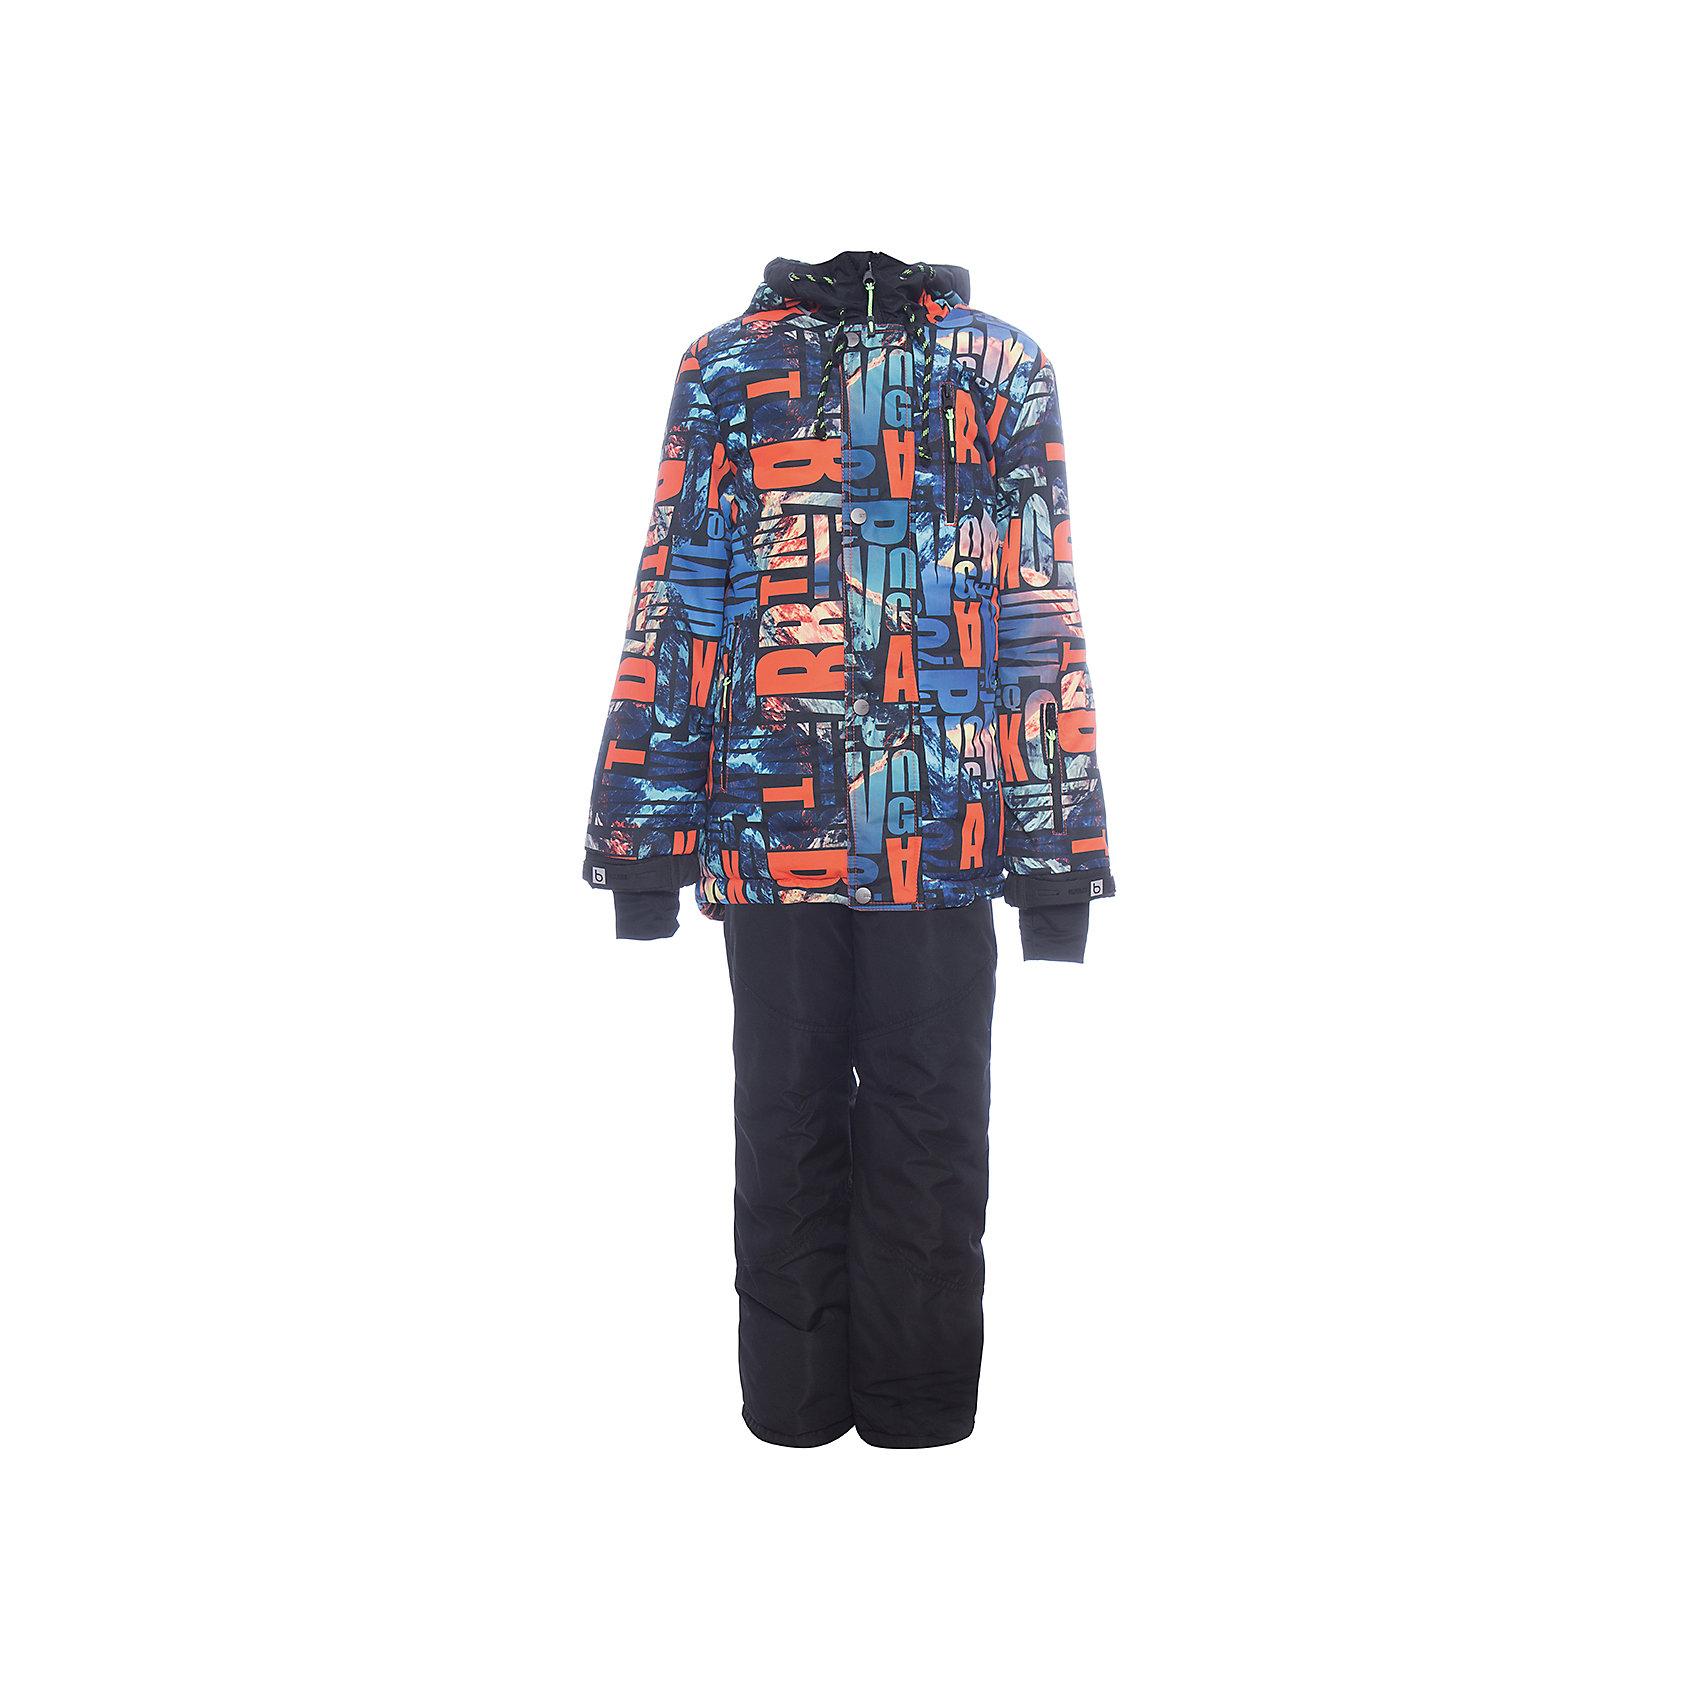 Комплект: куртка и полукомбенизон Коля Batik для мальчикаВерхняя одежда<br>Комплект: куртка и полукомбенизон Коля Batik для мальчика<br>Верхняя ткань обладает водоотталкивающими и ветрозащитными свойствами мембраны. Полукомбинезон с отстегивающимися лямками. Куртка на молнии с ветрозащитной планкой и юбкой внутри, светоотражающими элементами и капюшон на молнии.<br>Состав:<br>Ткань верха - TASLON OXFORD;  Утеплитель - Слайтекс 300;  Подкладка - Полар флис;<br><br>Ширина мм: 356<br>Глубина мм: 10<br>Высота мм: 245<br>Вес г: 519<br>Цвет: оранжевый<br>Возраст от месяцев: 108<br>Возраст до месяцев: 120<br>Пол: Мужской<br>Возраст: Детский<br>Размер: 140,128,134<br>SKU: 7028389